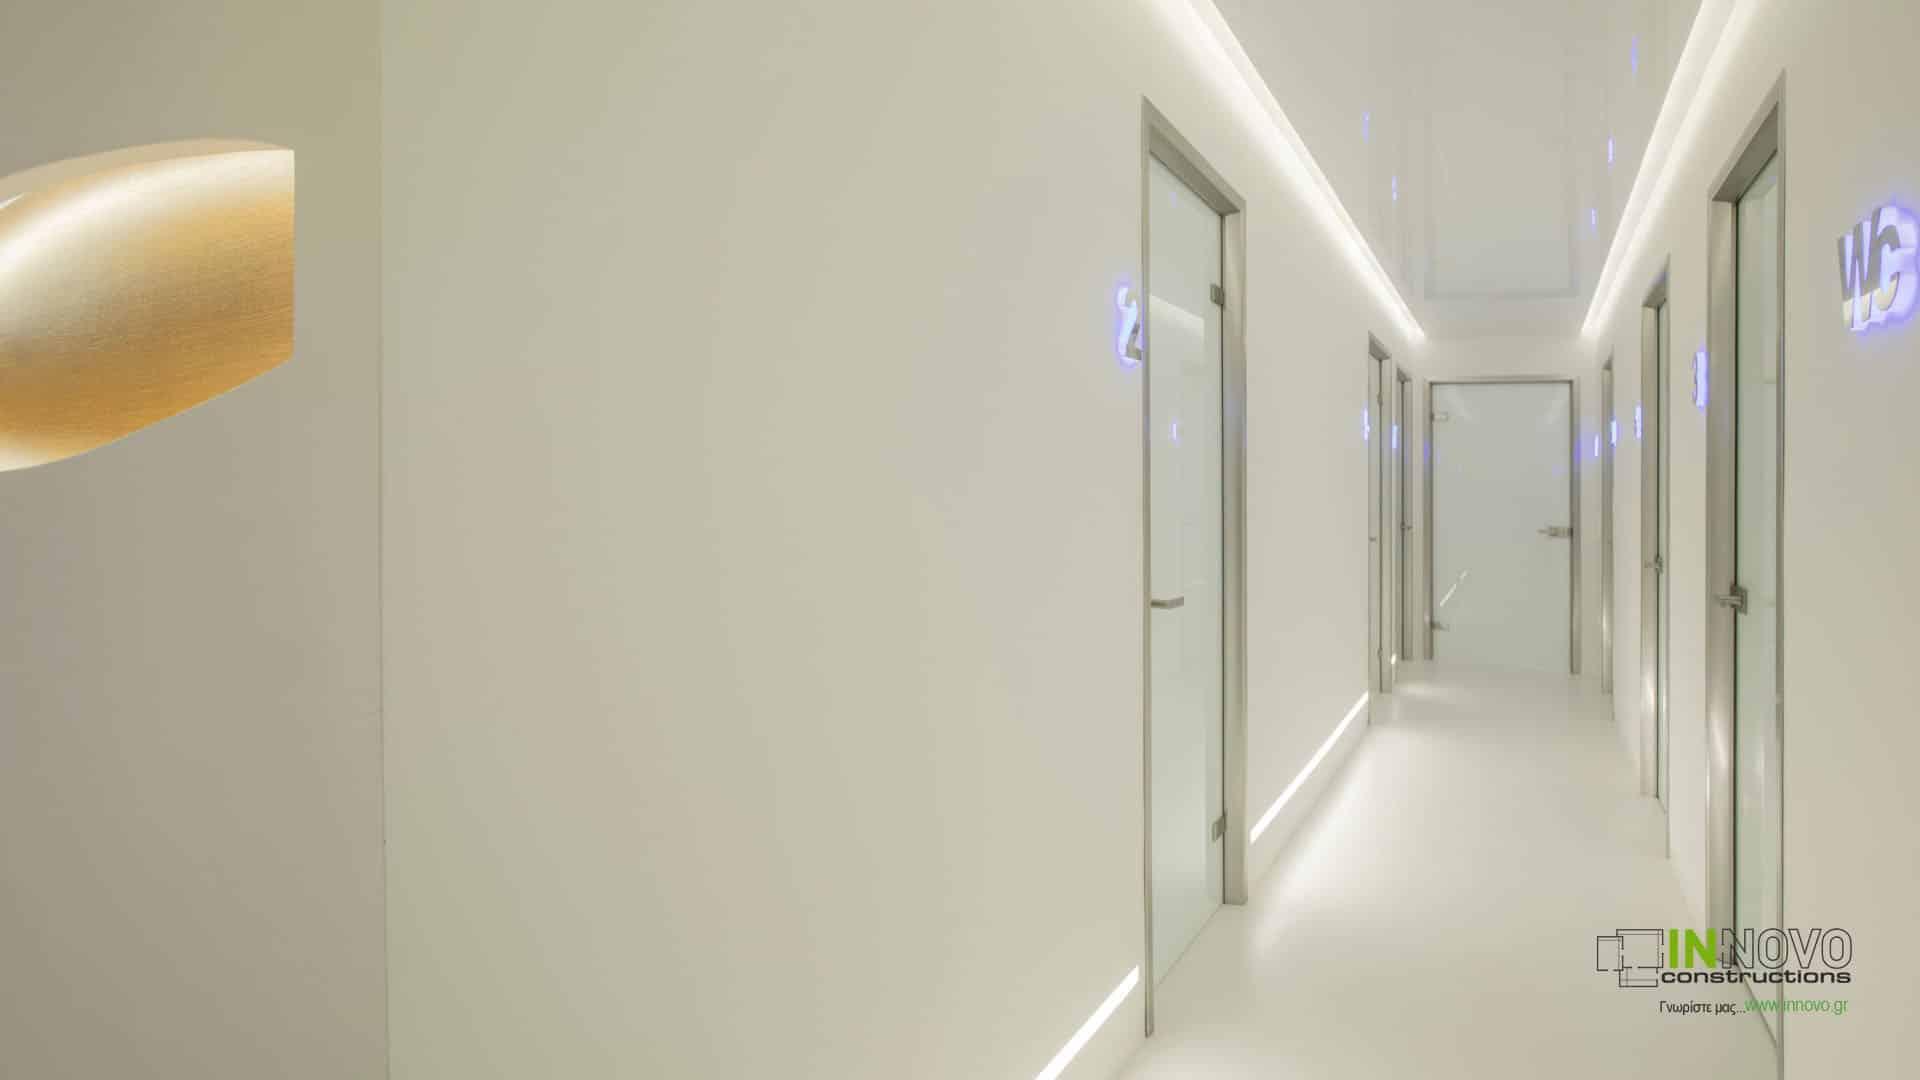 2607-κατασκευη-ωρλ-παλληνh-otolaryngologist-clinic-construstion-11